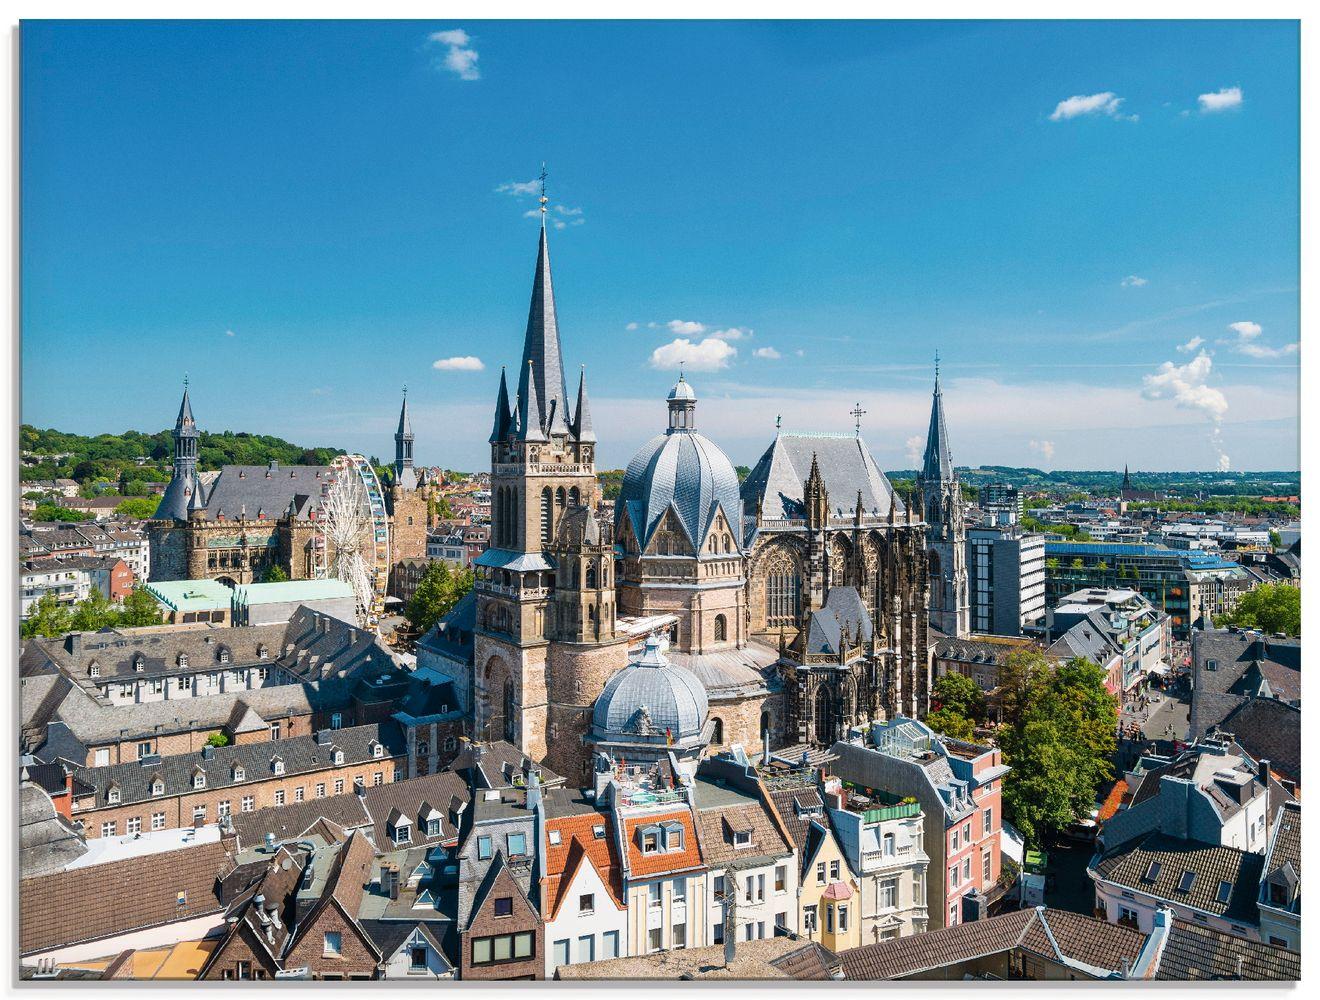 Full Size of Küchen Glasbilder David Engel Aachen Skyline Glasbild Artgalerie Bildershop Regal Bad Küche Wohnzimmer Küchen Glasbilder